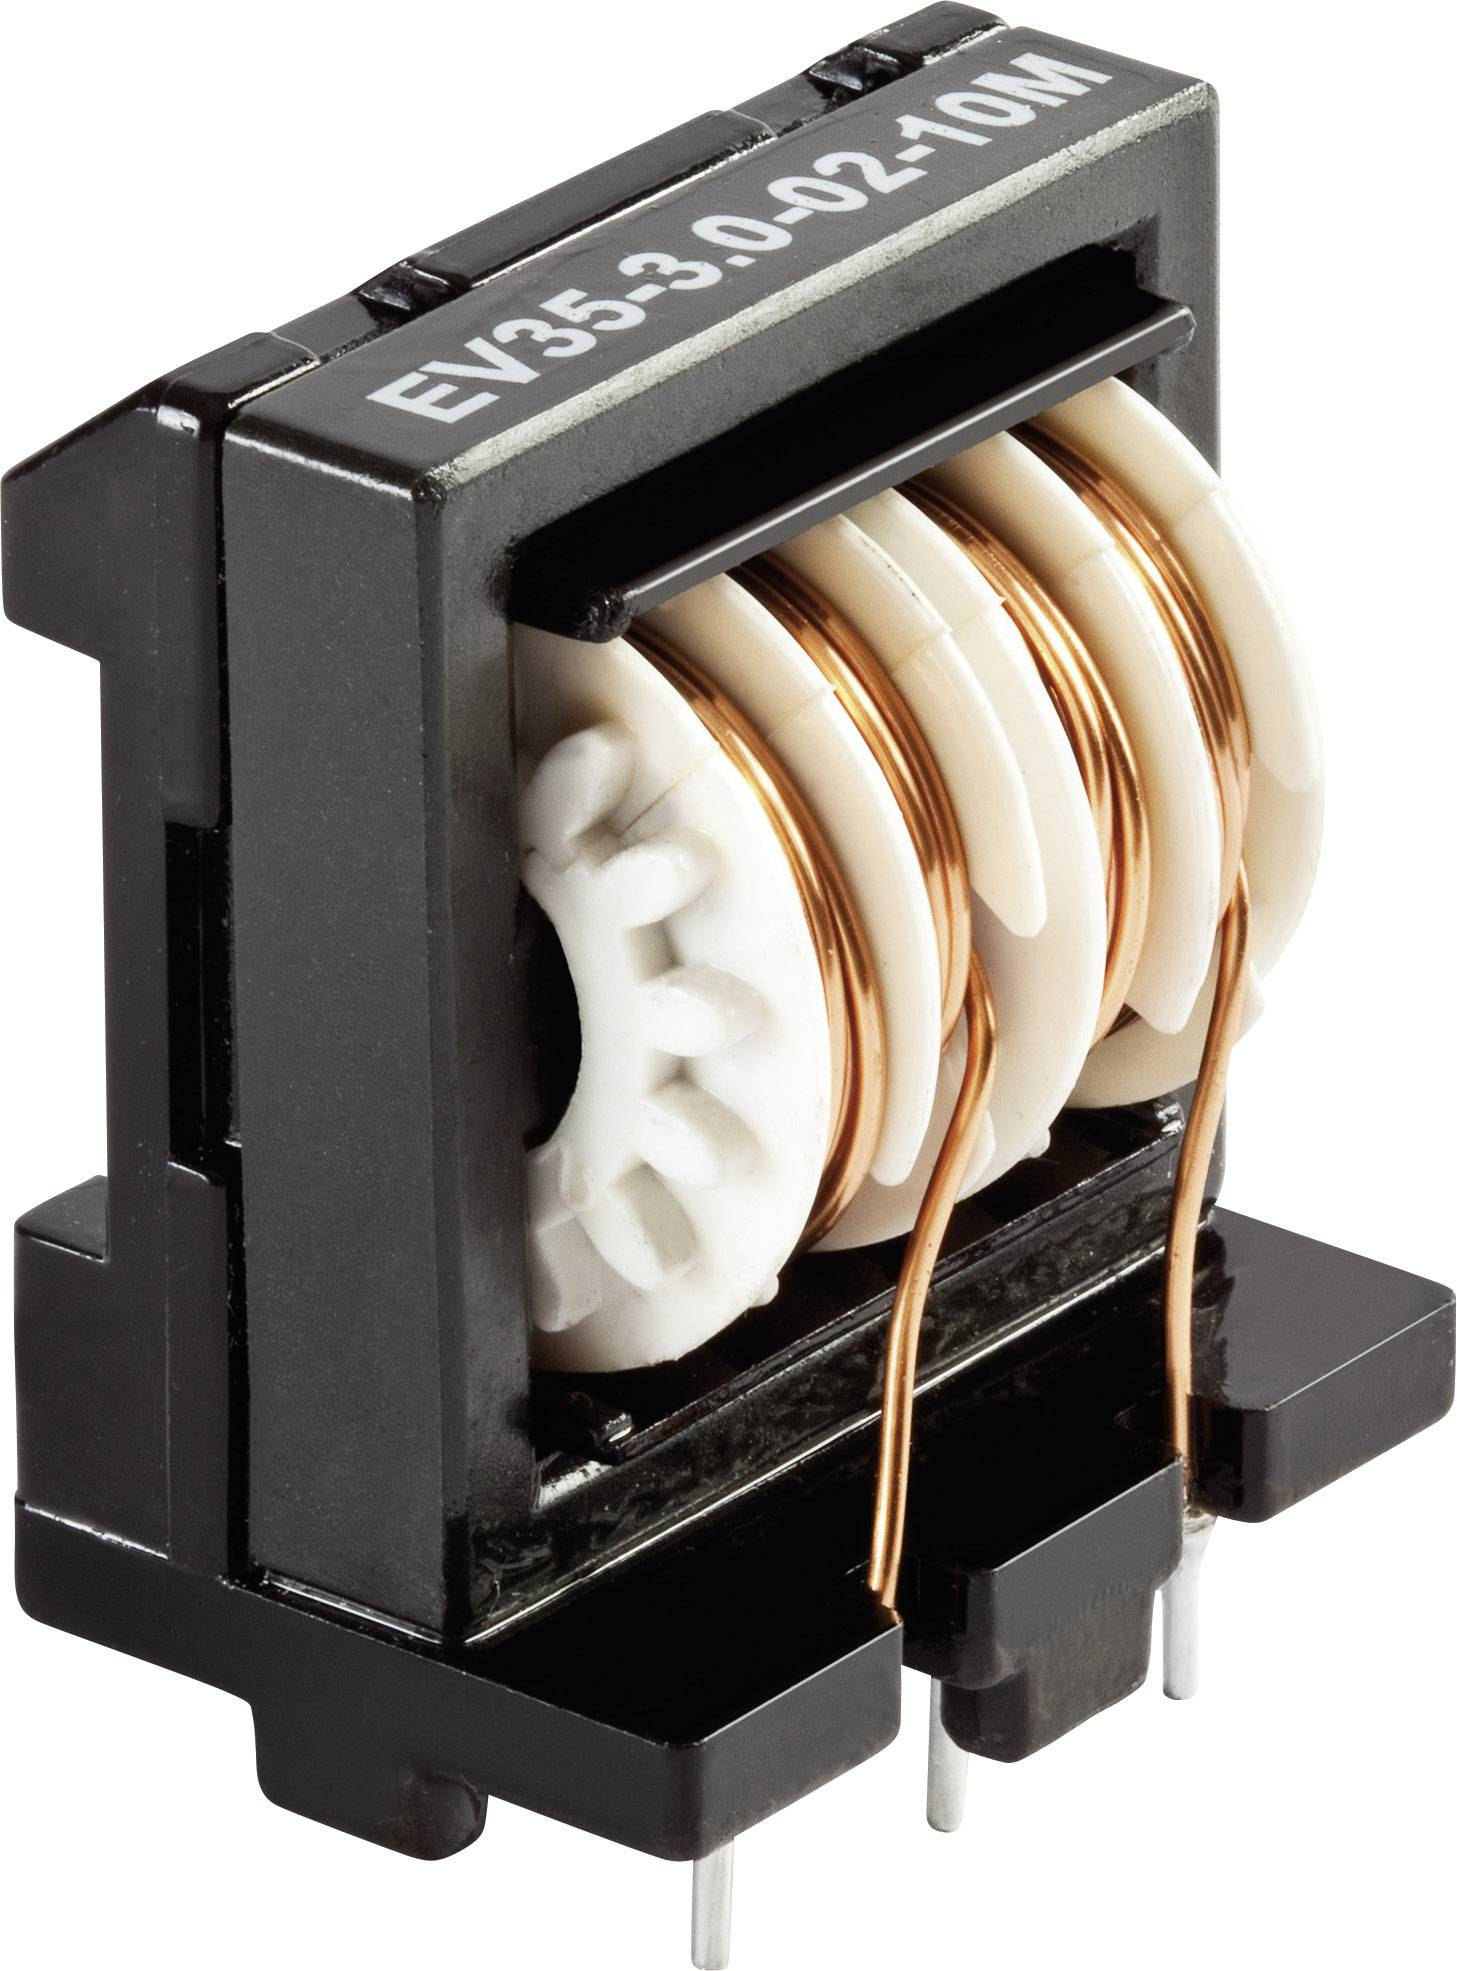 Odrušovací filter Schaffner EV24-2,0-02-2M5 EV24-2,0-02-2M5, 250 V/AC, 2 A, 2.5 mH, (d x š x v) 24.6 x 17.4 x 29.1 mm, 1 ks